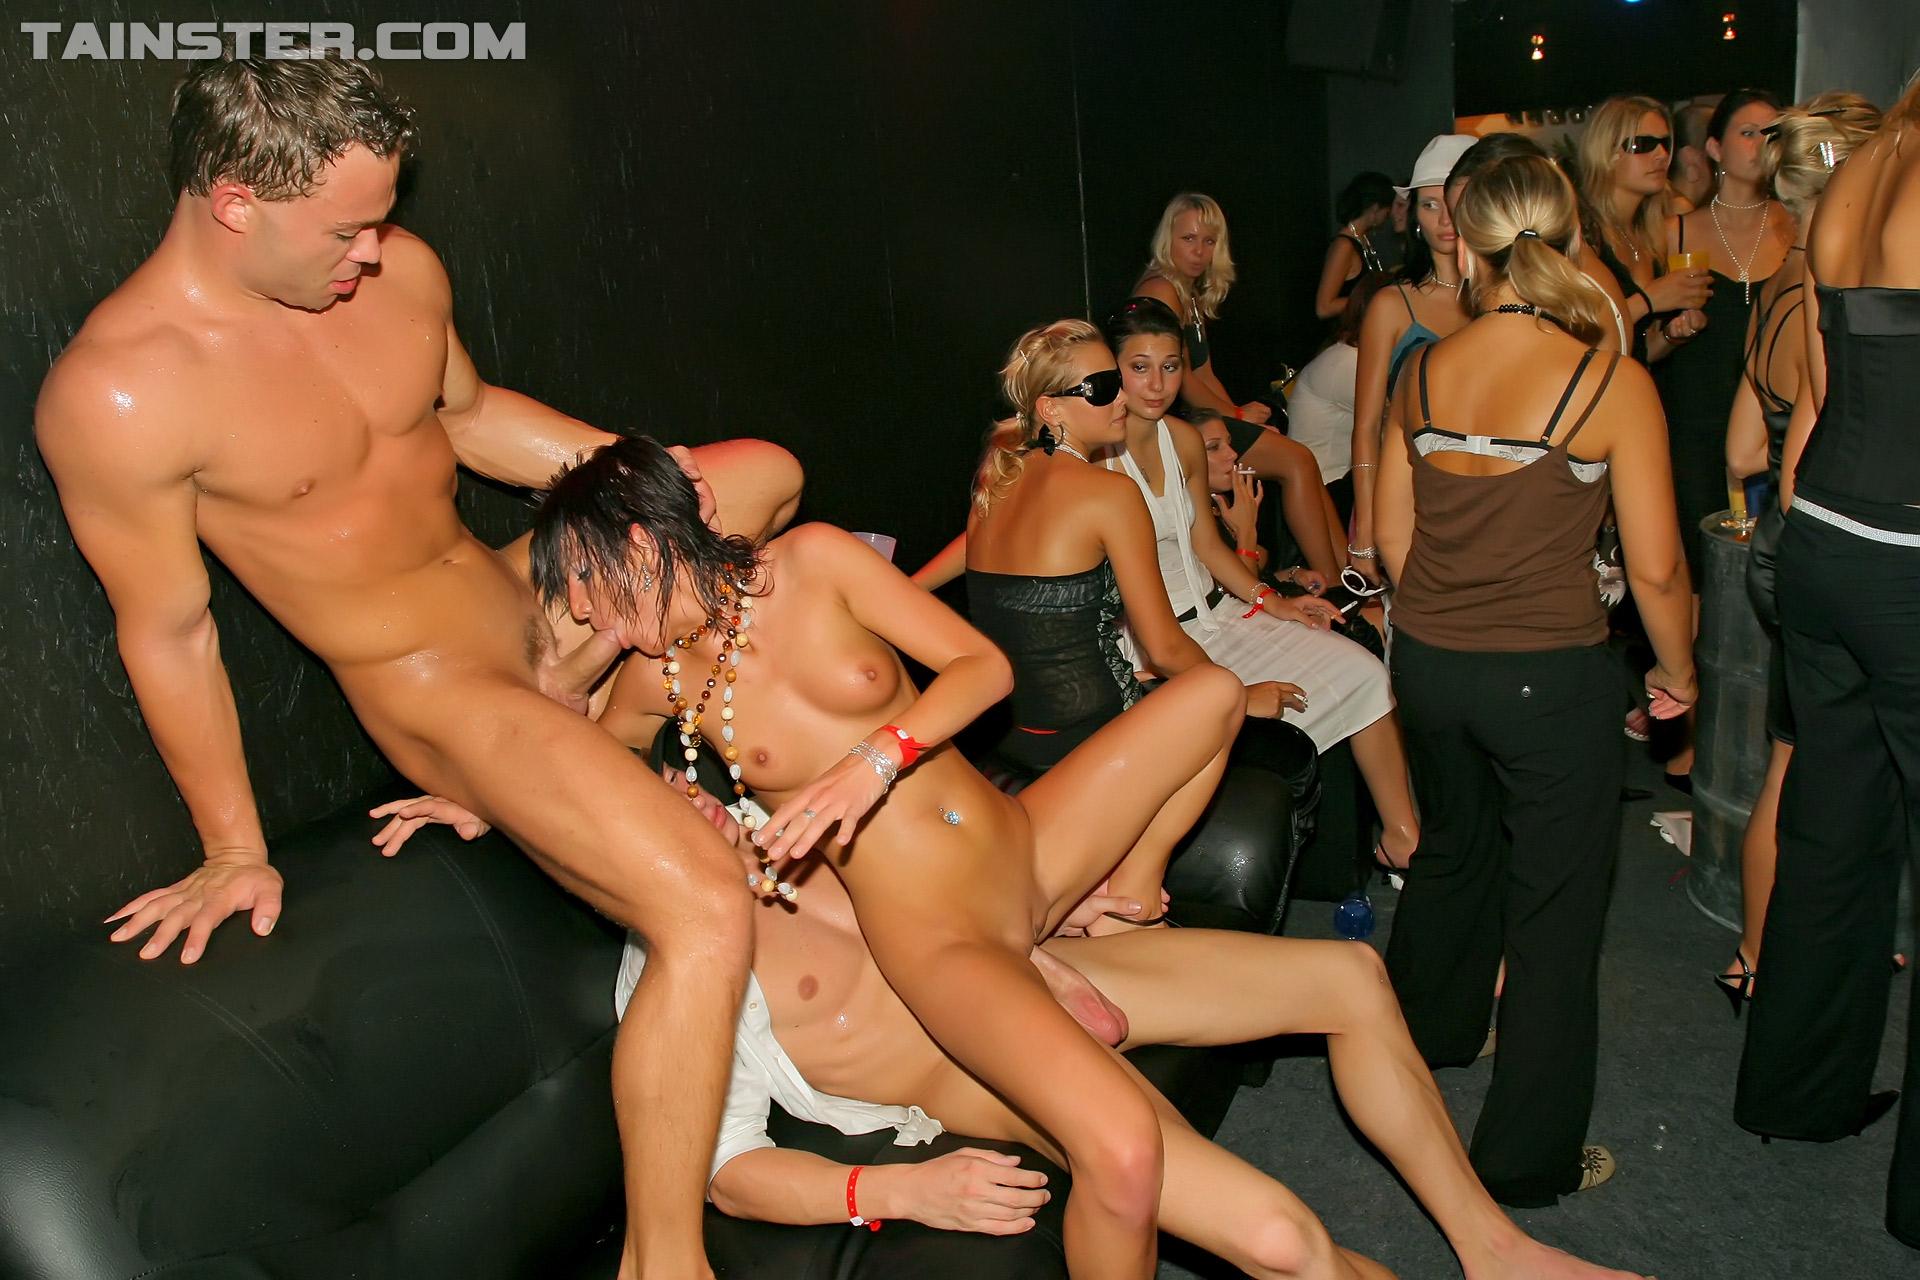 Секс на дискотеках онлайн бесплатно, Порно вечеринки » Порно онлайн в хорошем качестве 7 фотография